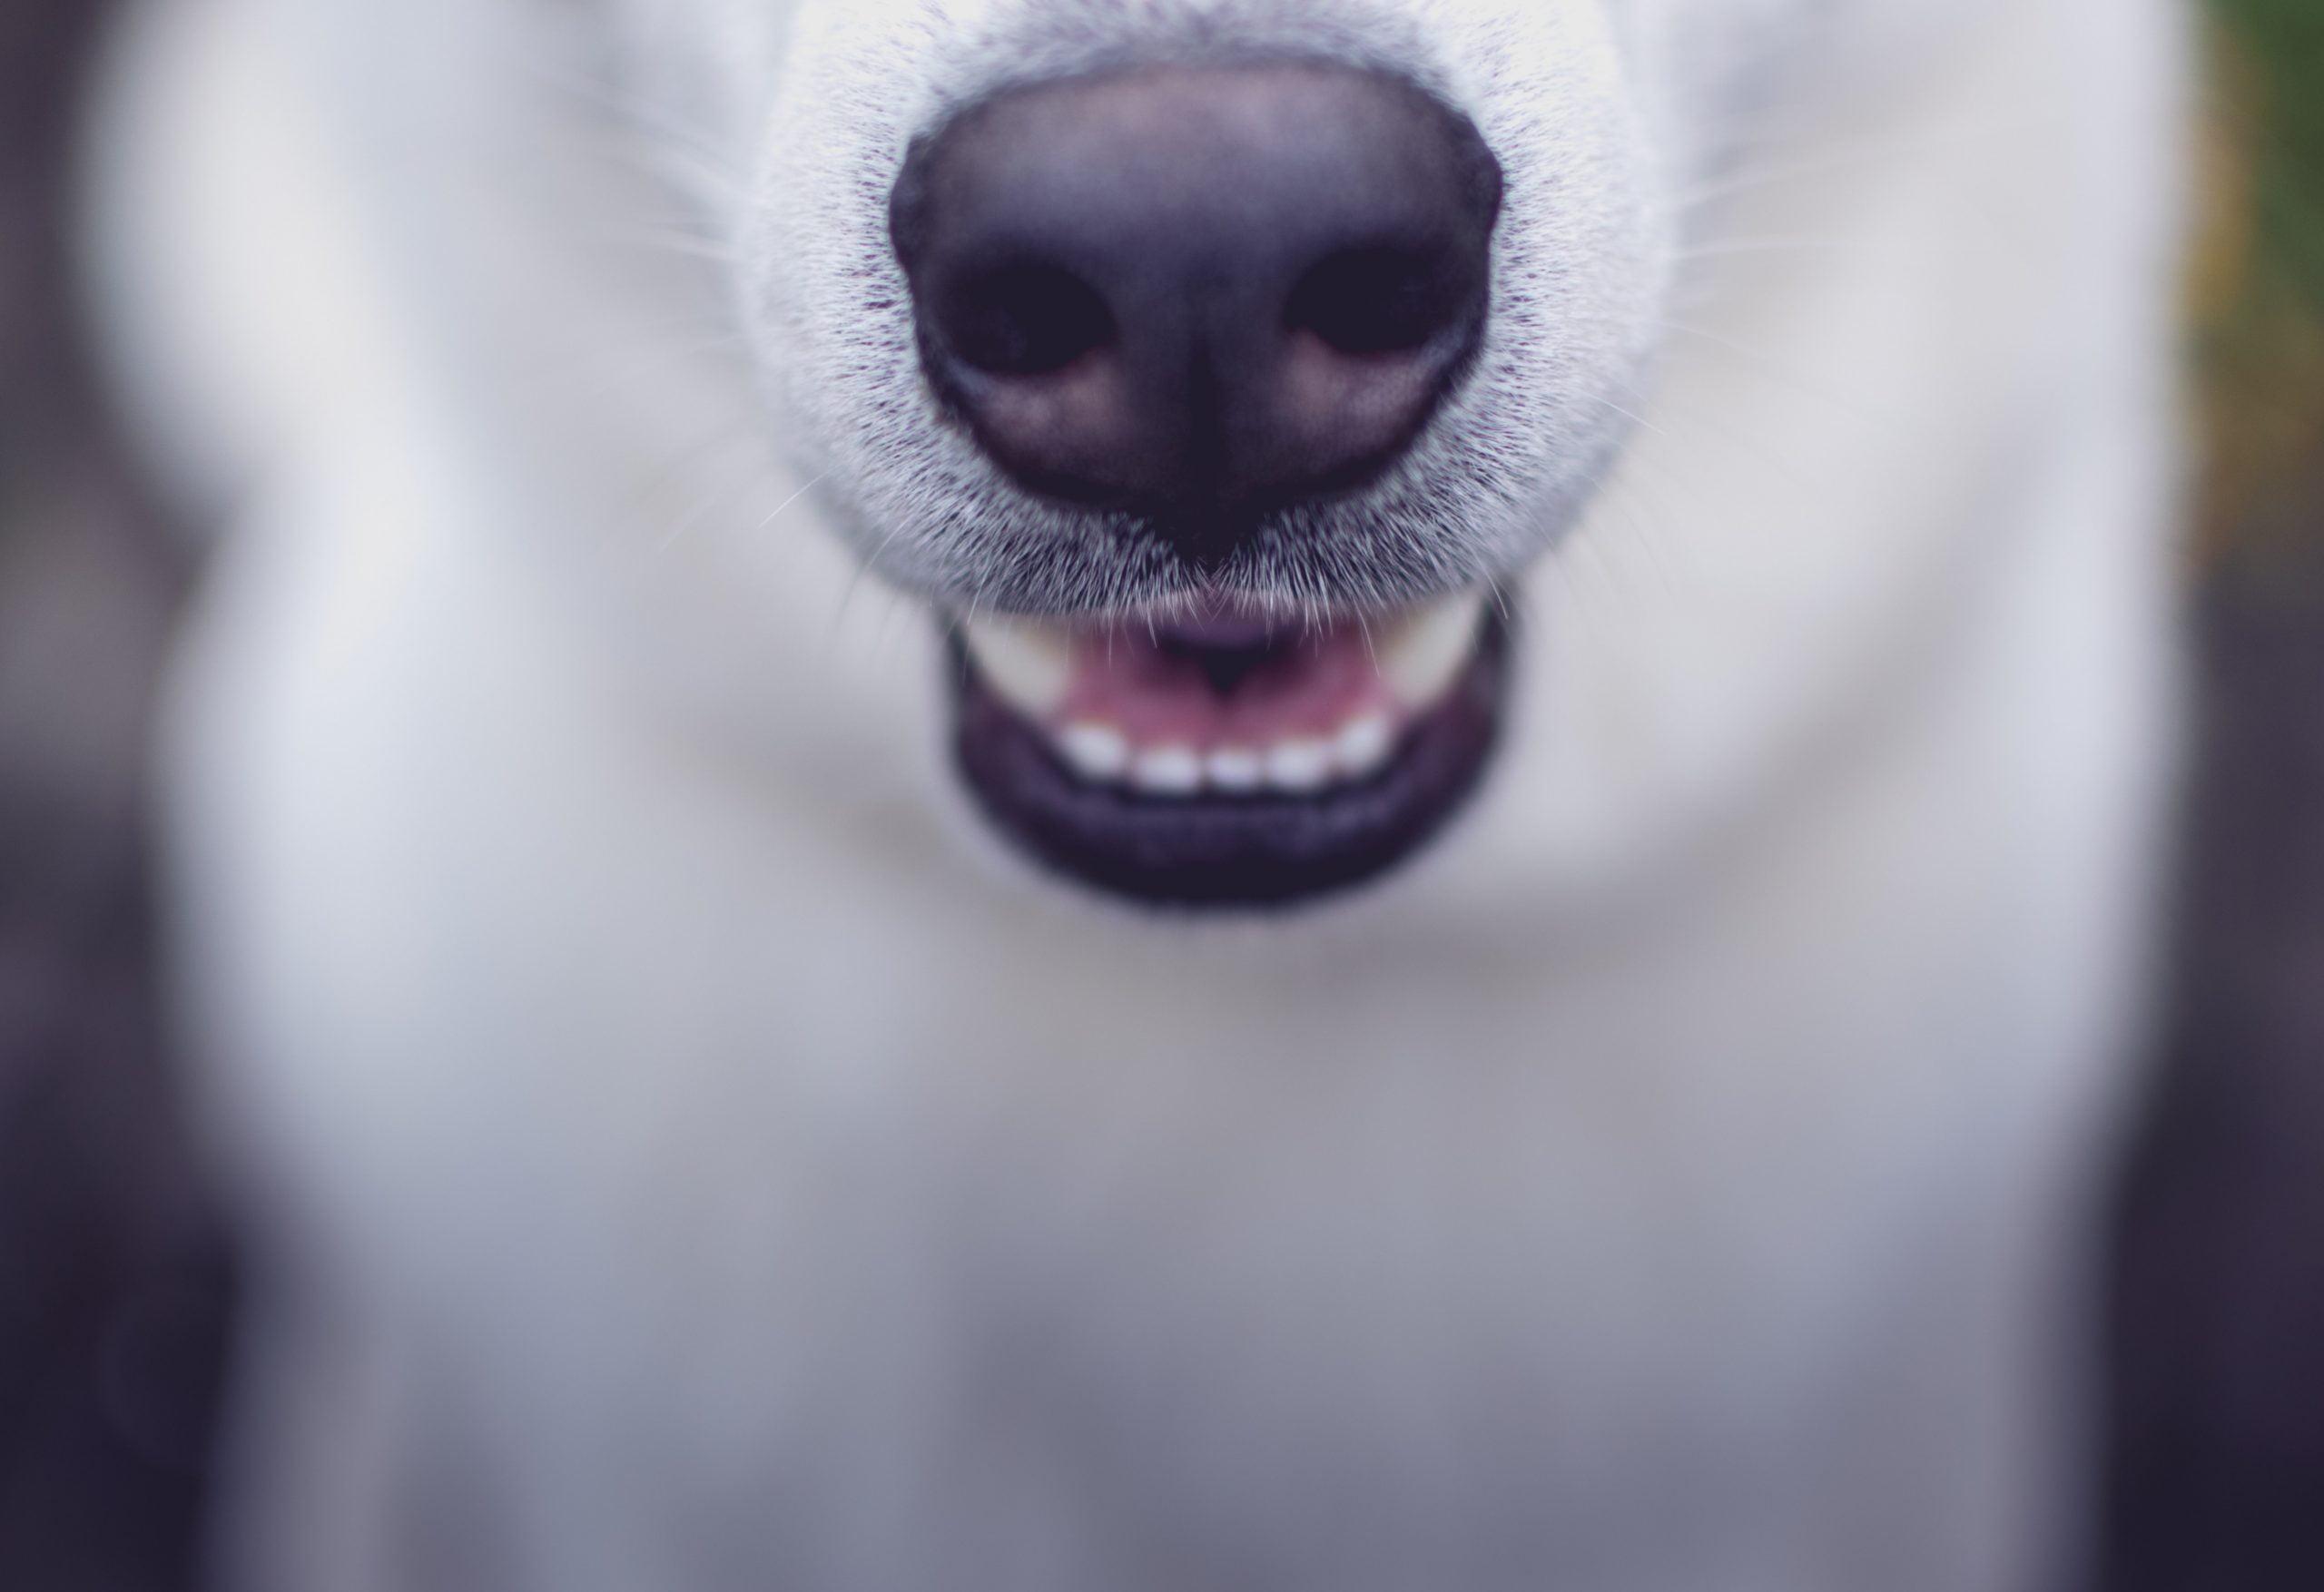 Sobremordida en perros: causas y tratamiento de la maloclusión en perros 1